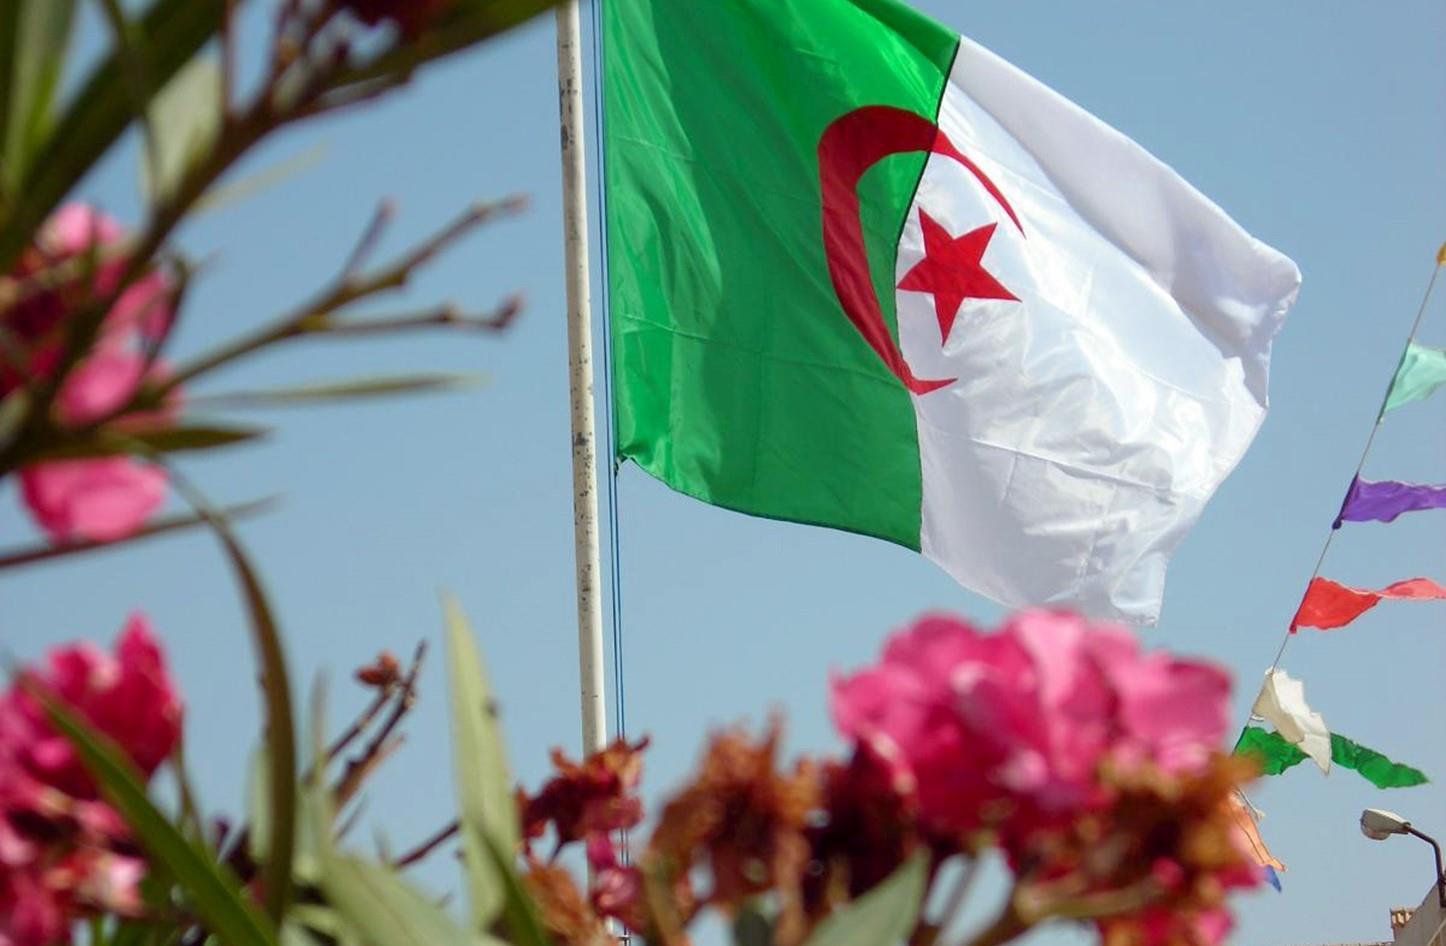 حزب العمال الجزائري: الجزائر تشهد انحرافا خطيرا